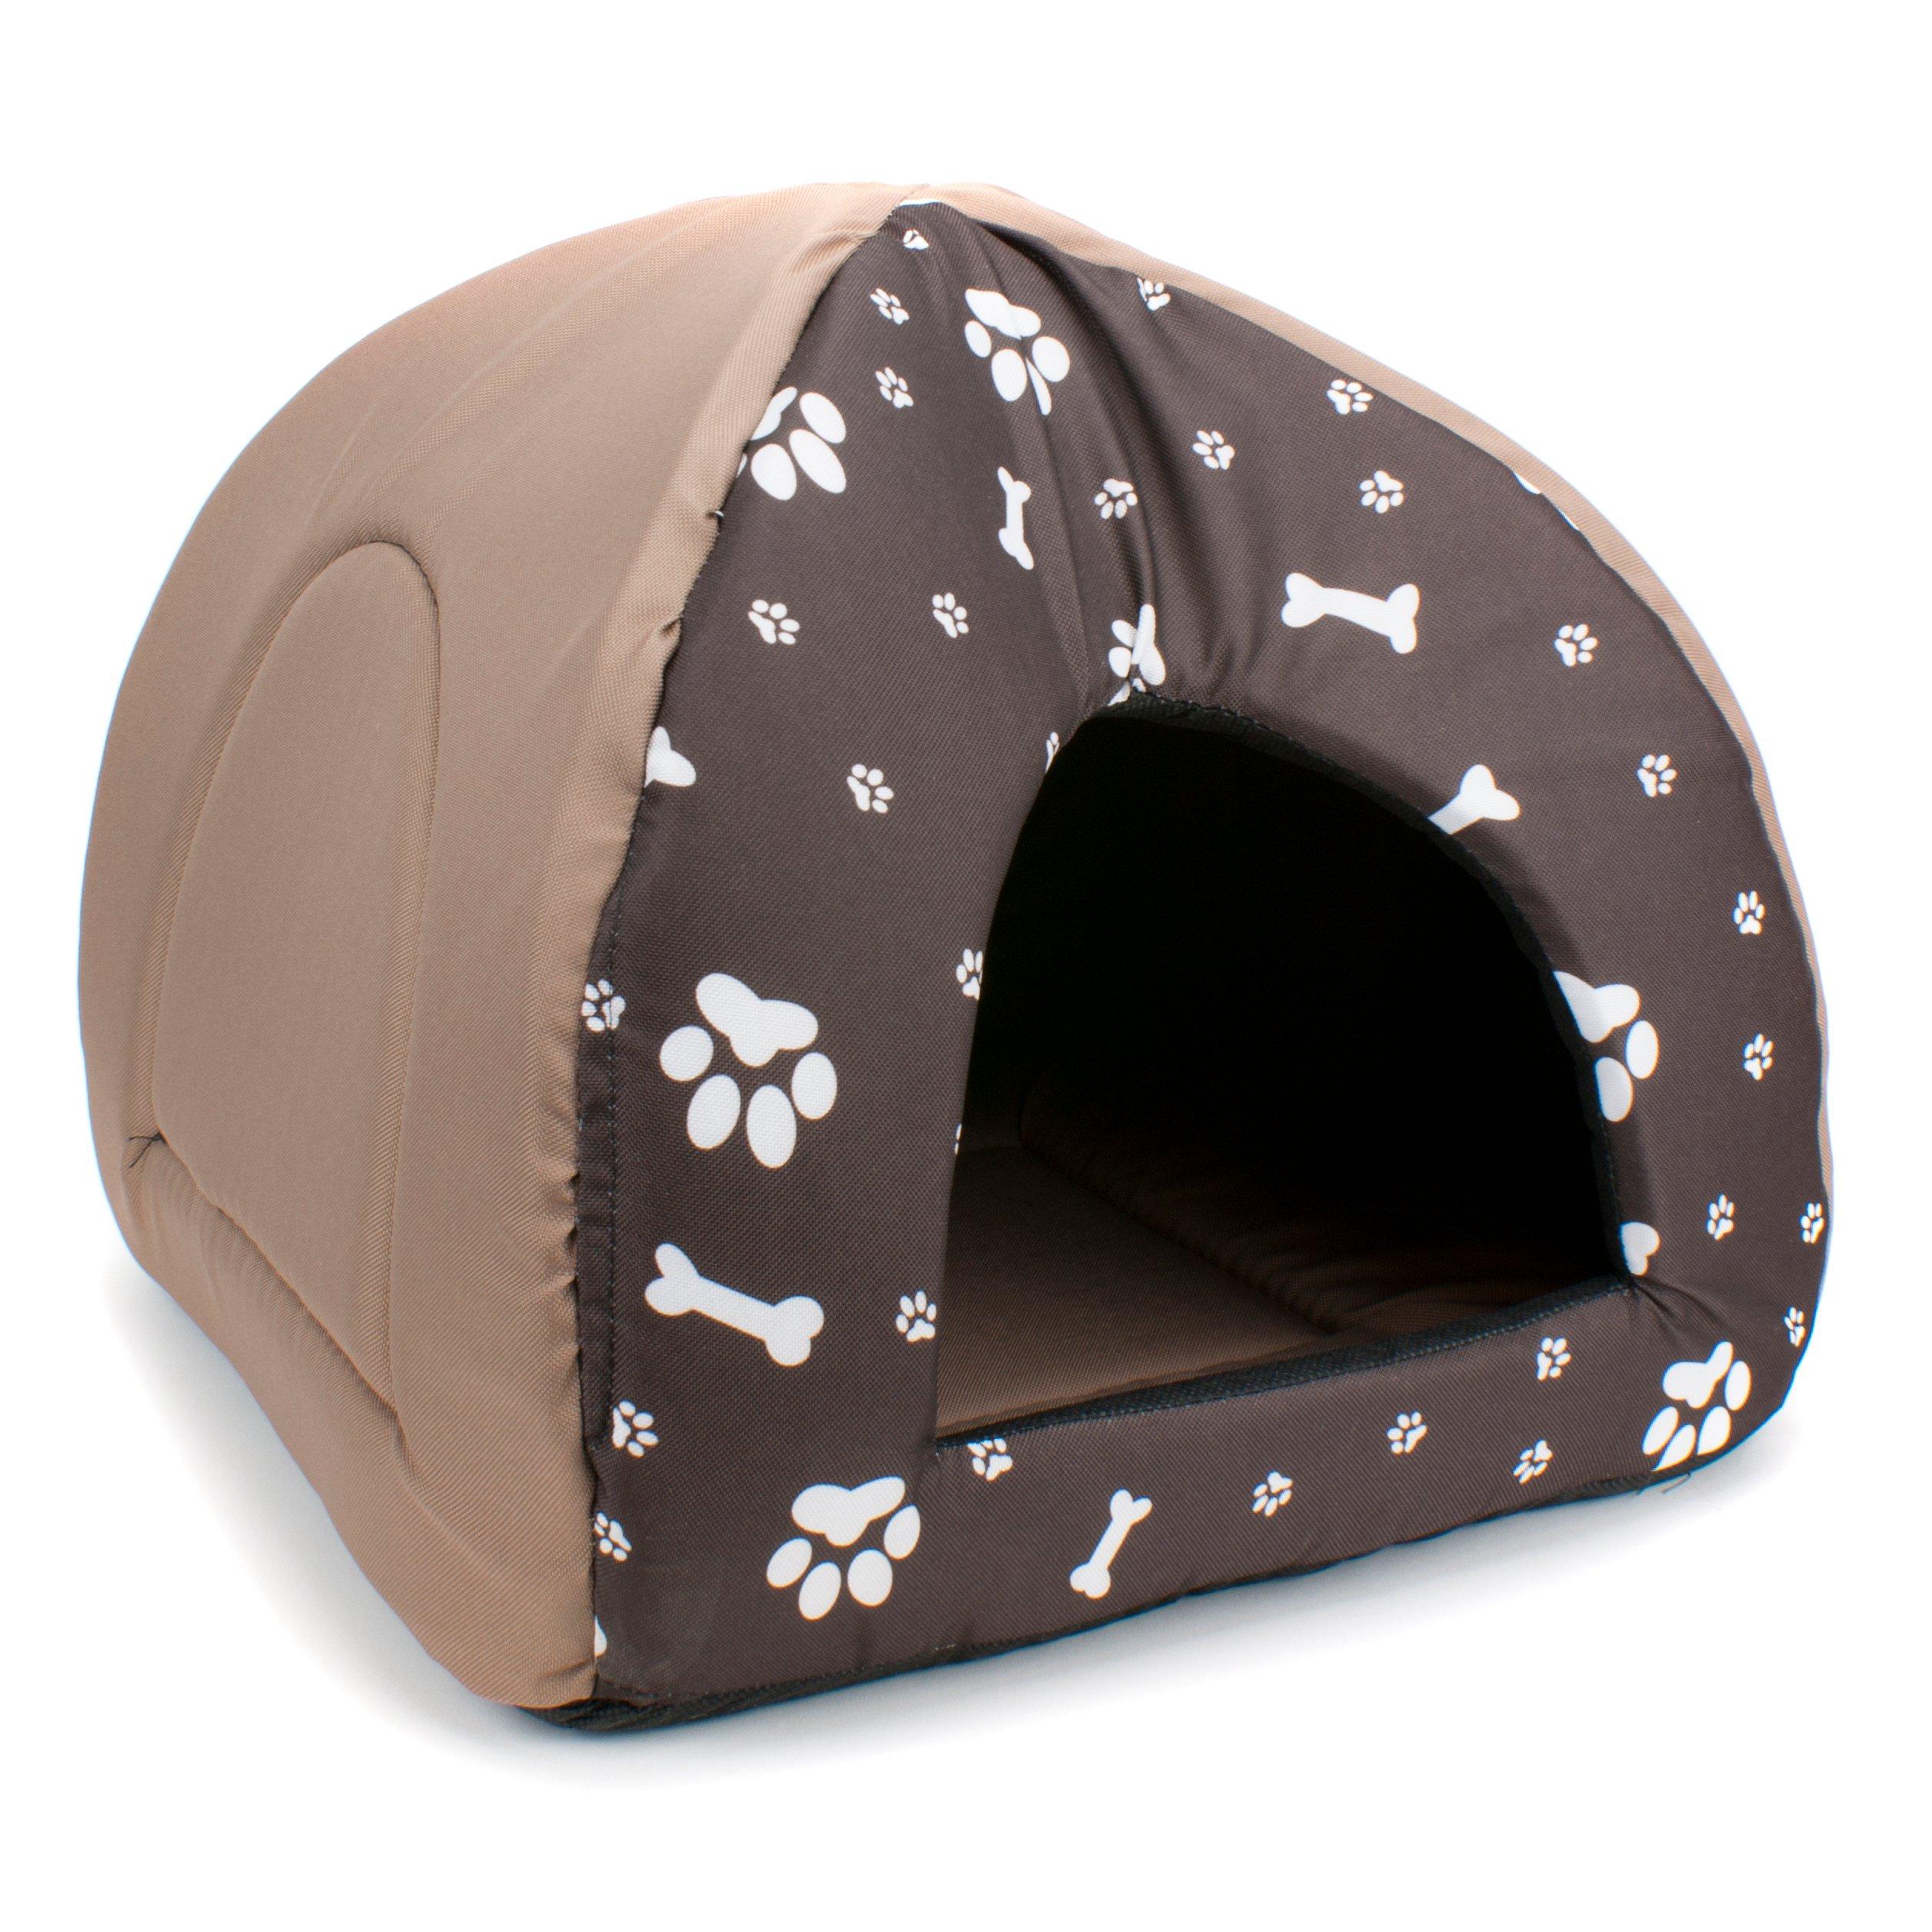 cd48c47c844e99 Domek IGLO budka dla psa kota z materiału BEŻOWY - 6834578219 ...